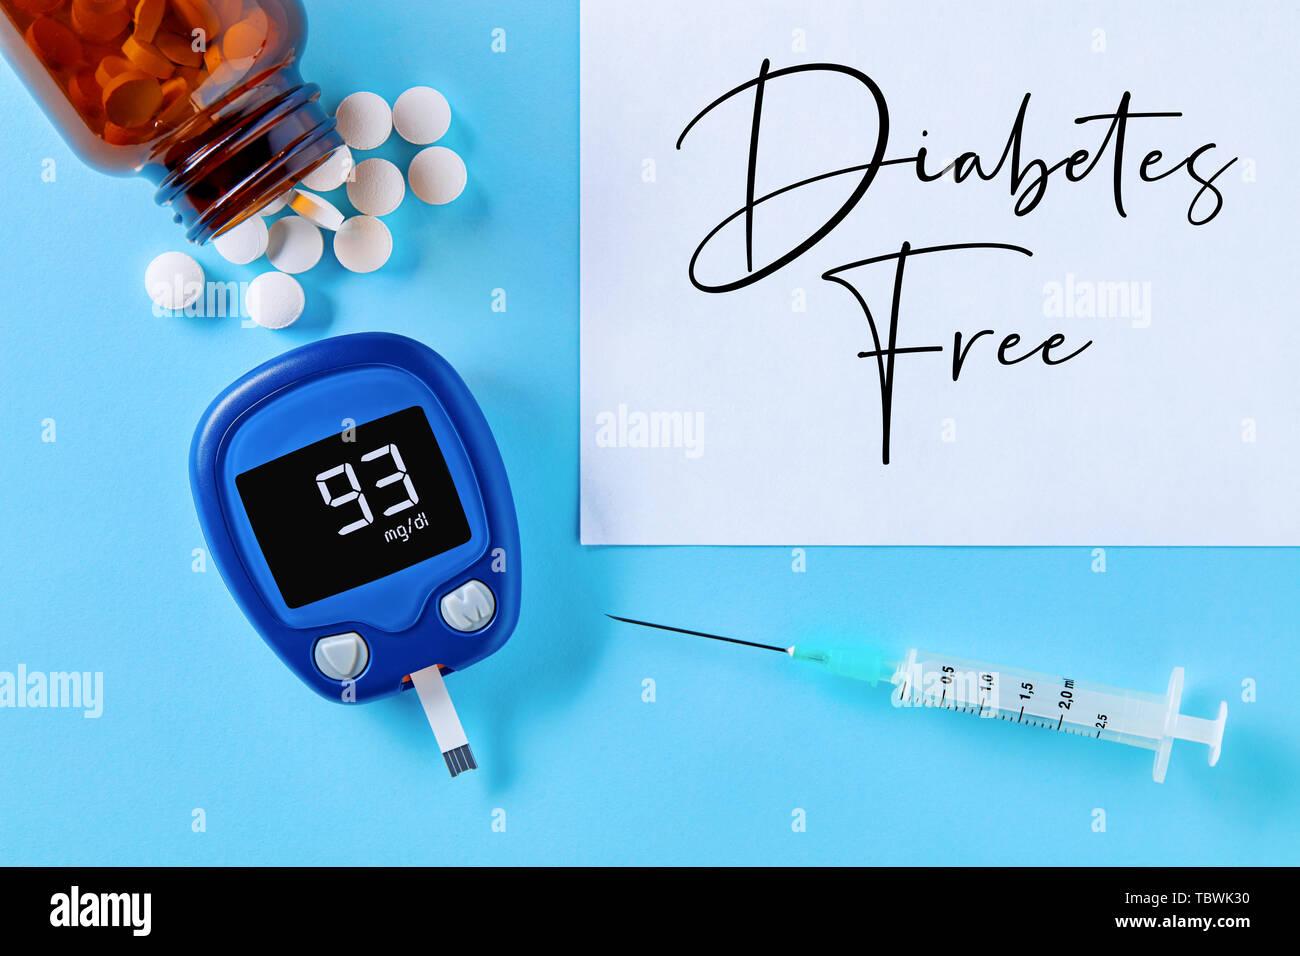 Diabetes Drug Stock Photos & Diabetes Drug Stock Images - Alamy